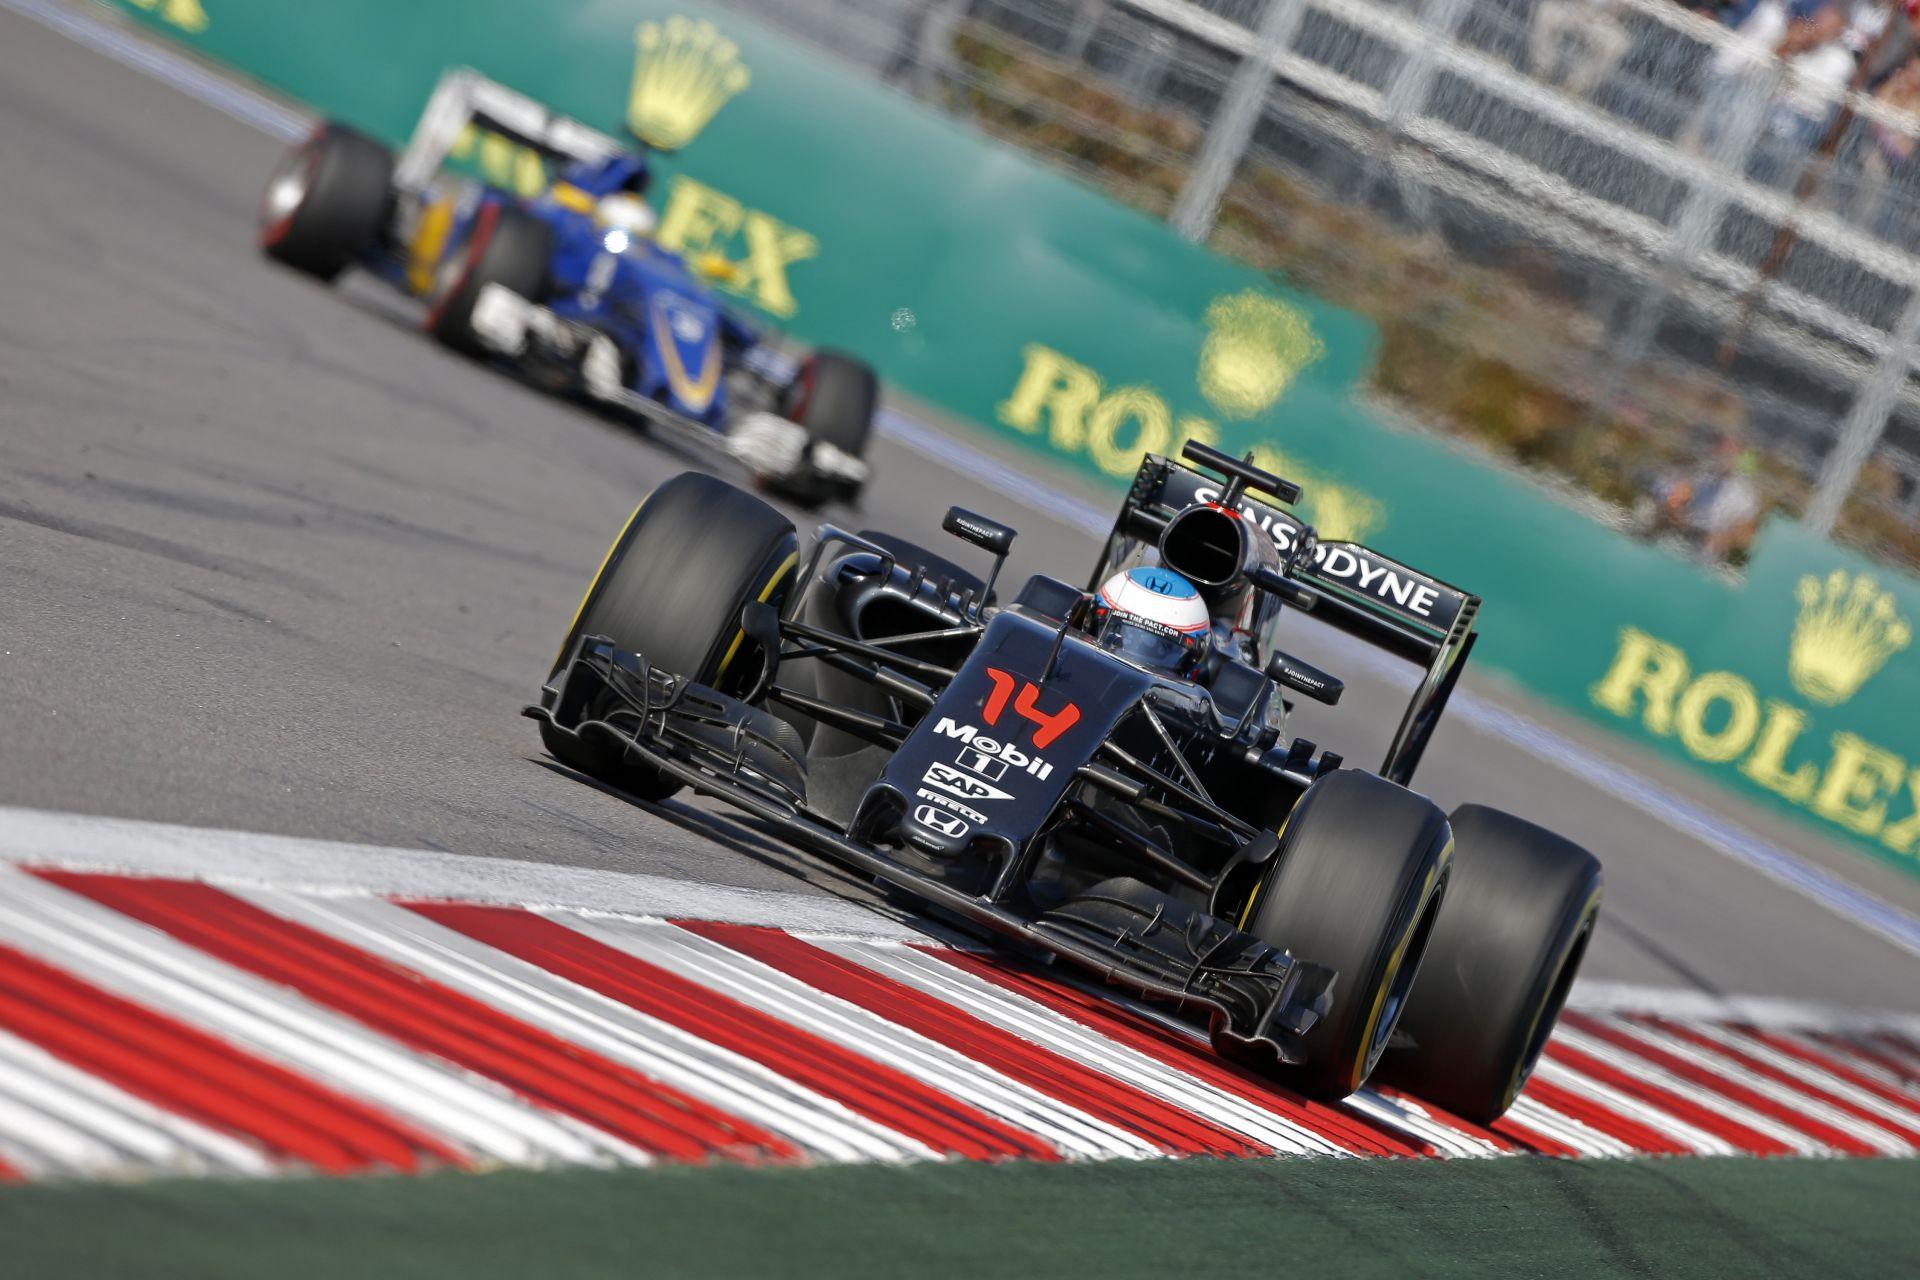 Egy teljesen új McLaren-Hondát fogunk látni a Spanyol Nagydíjon